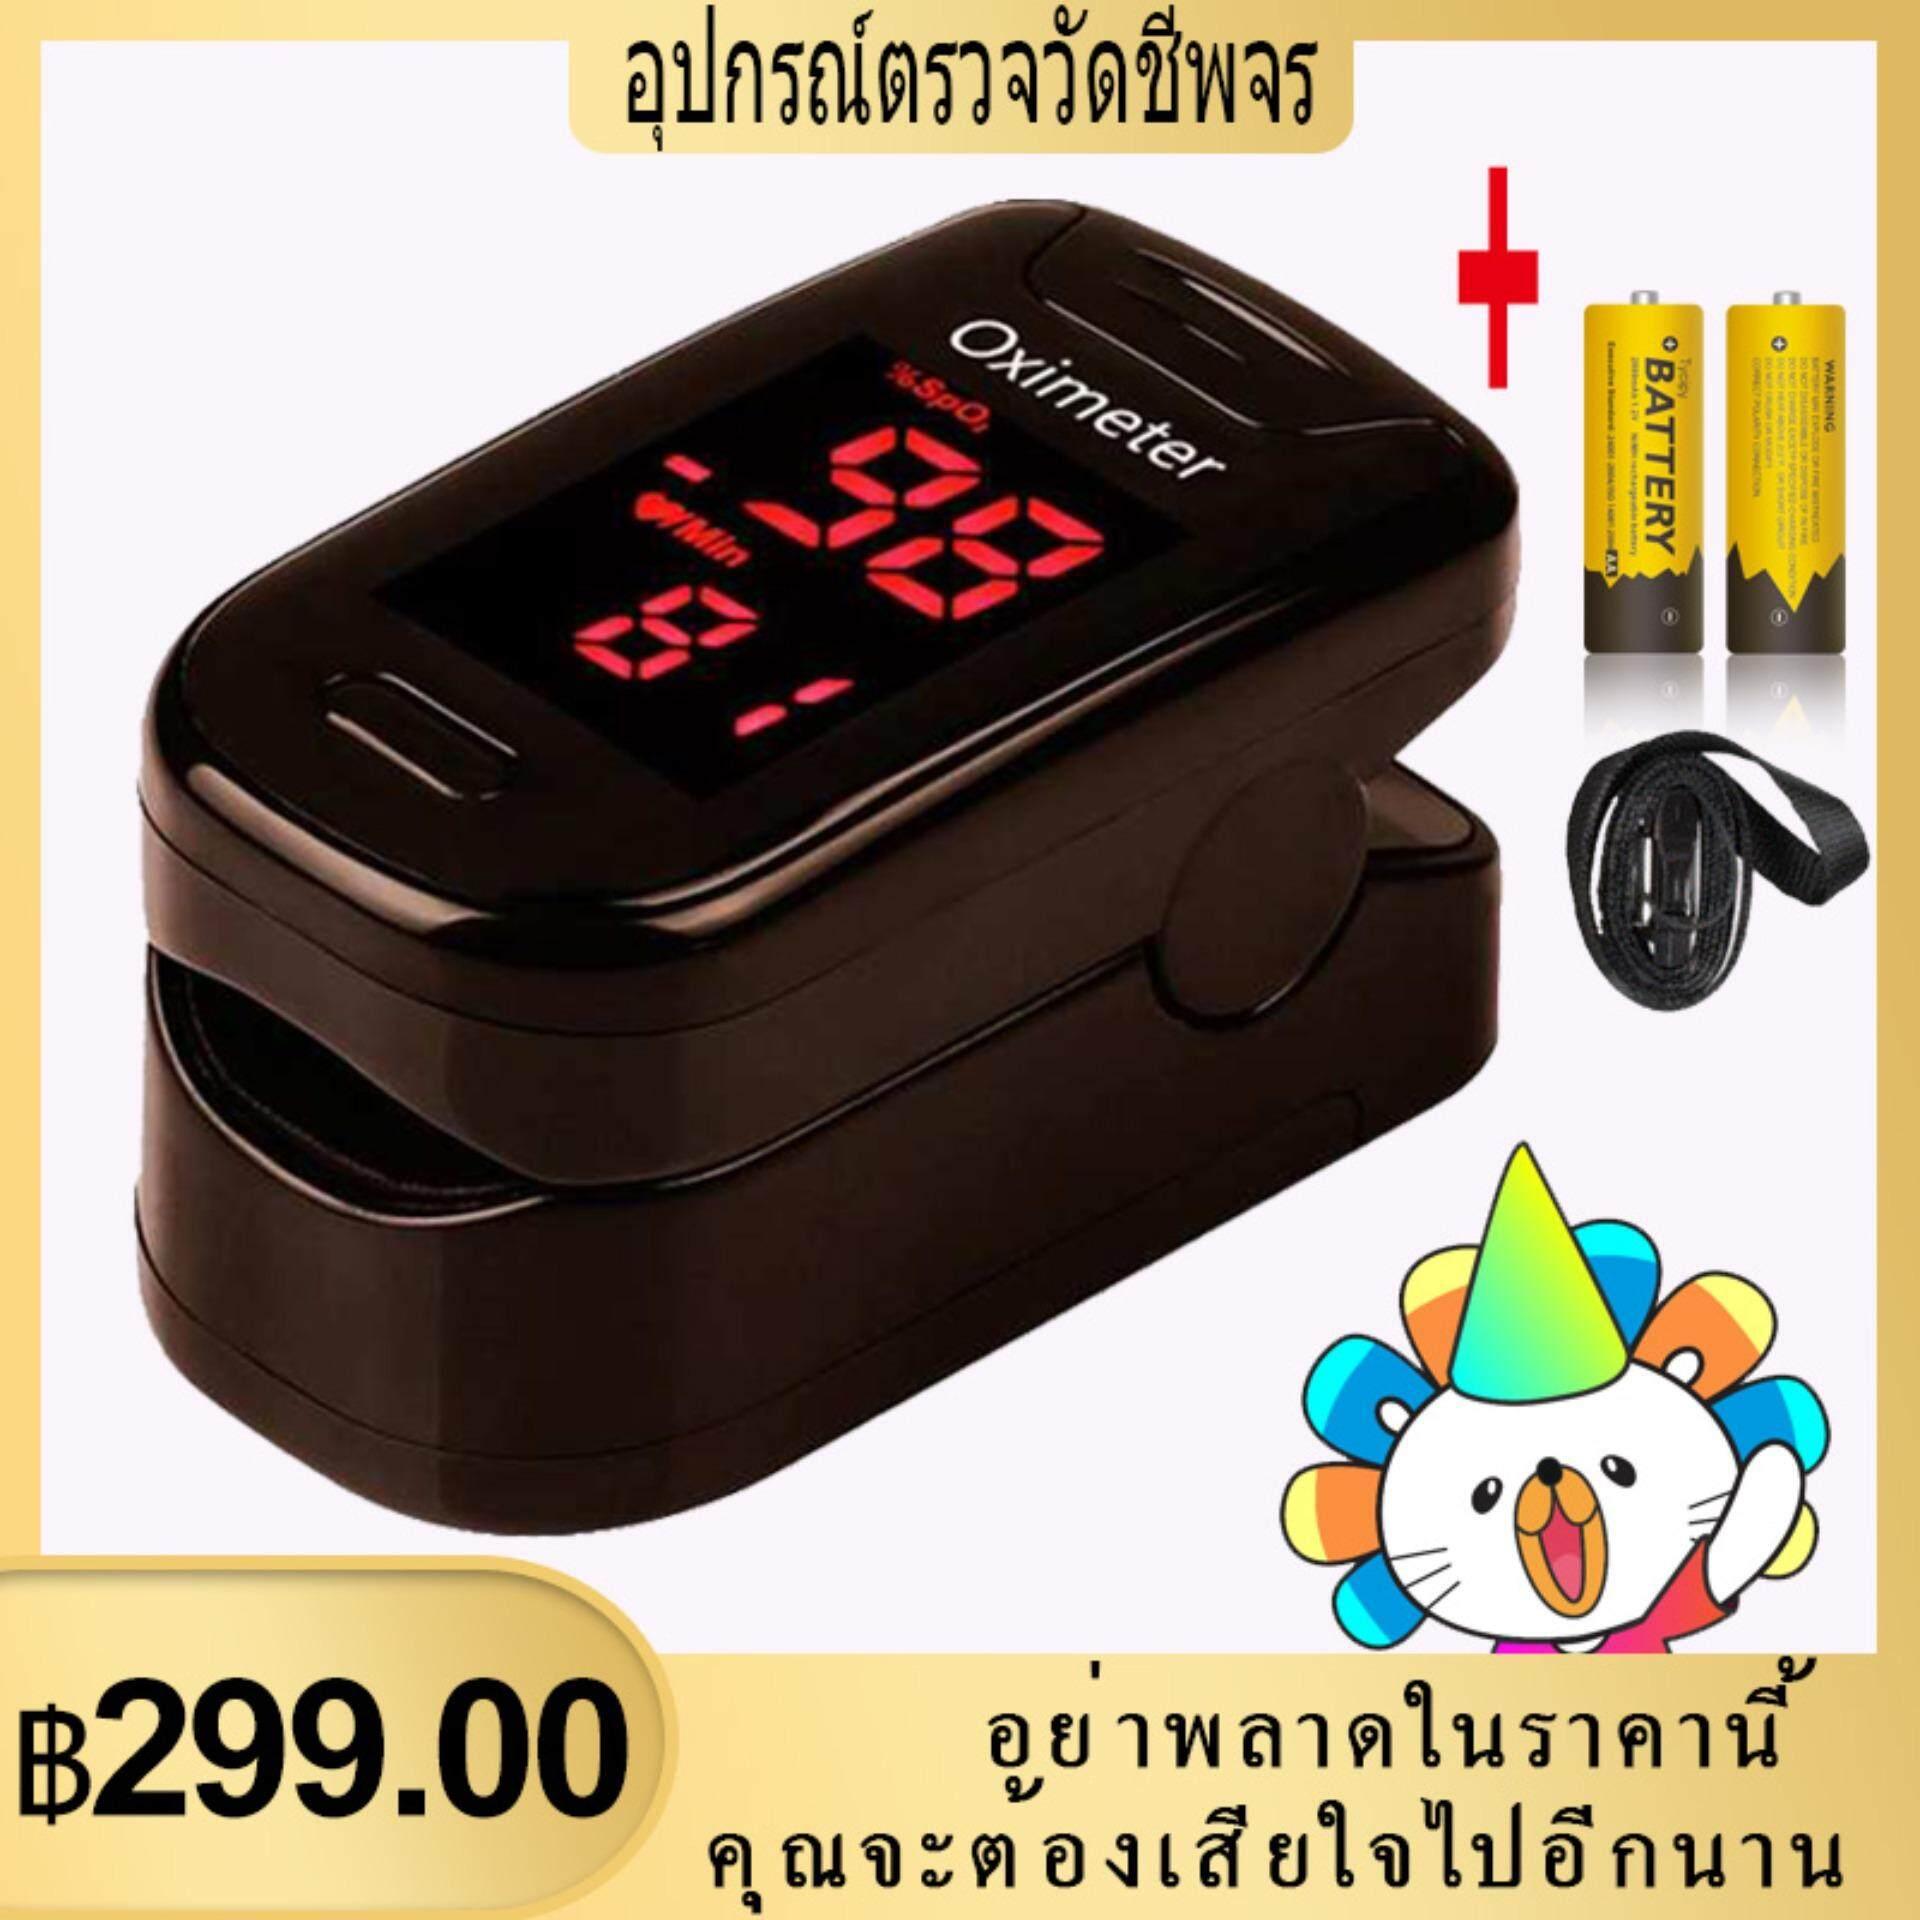 เครื่องวัดออกซิเจนในเลือด วัดออกซิเจน วัดชีพจร Fingertip Pulse Oximeter (สีดำ สีชมพู สีฟ้า) อุปกรณ์ตรวจวัดชีพจร เครื่องวัดออกซิเจนในเลือด Heart Rate Monitor Medical Blood Oxygen By Shopping_well.